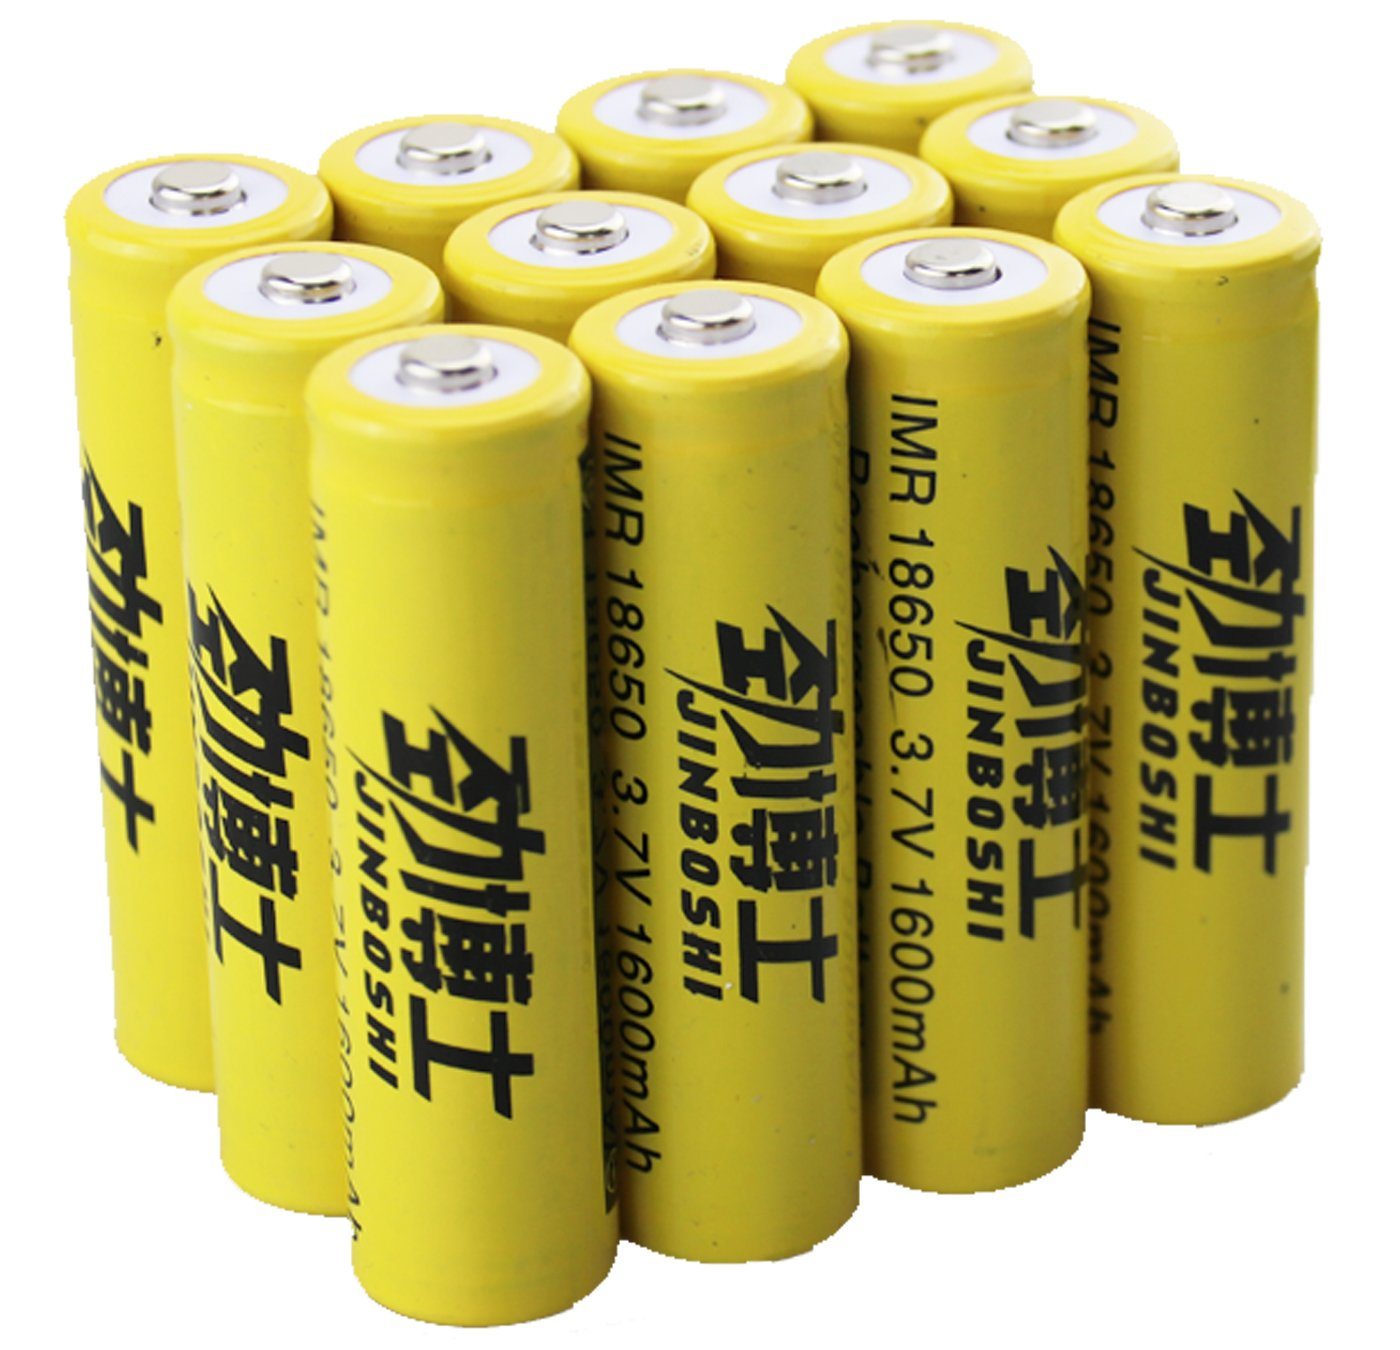 jingboshi® marca nuevo 12x 18650(amarillo) de la batería para luz de flash LED linterna lámpara de cabeza batería botón superior nuevo 3, 70V Li-ion